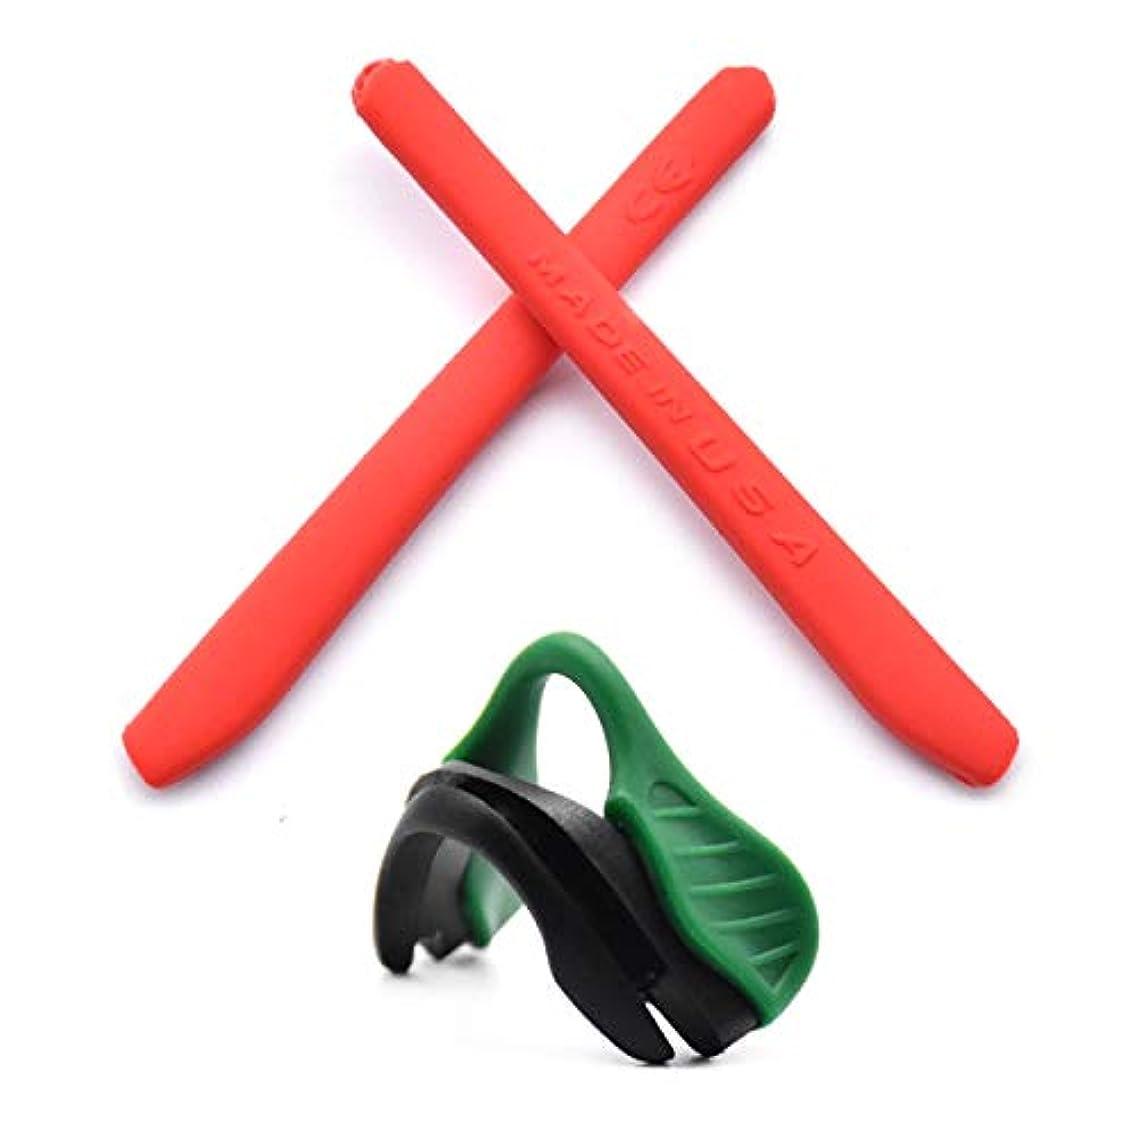 敵対的医薬品正気HKUCO 強化 赤 交換用シリコン脚 グリーン 鼻パッド Oakley EVZero OO9308 ラバーキット